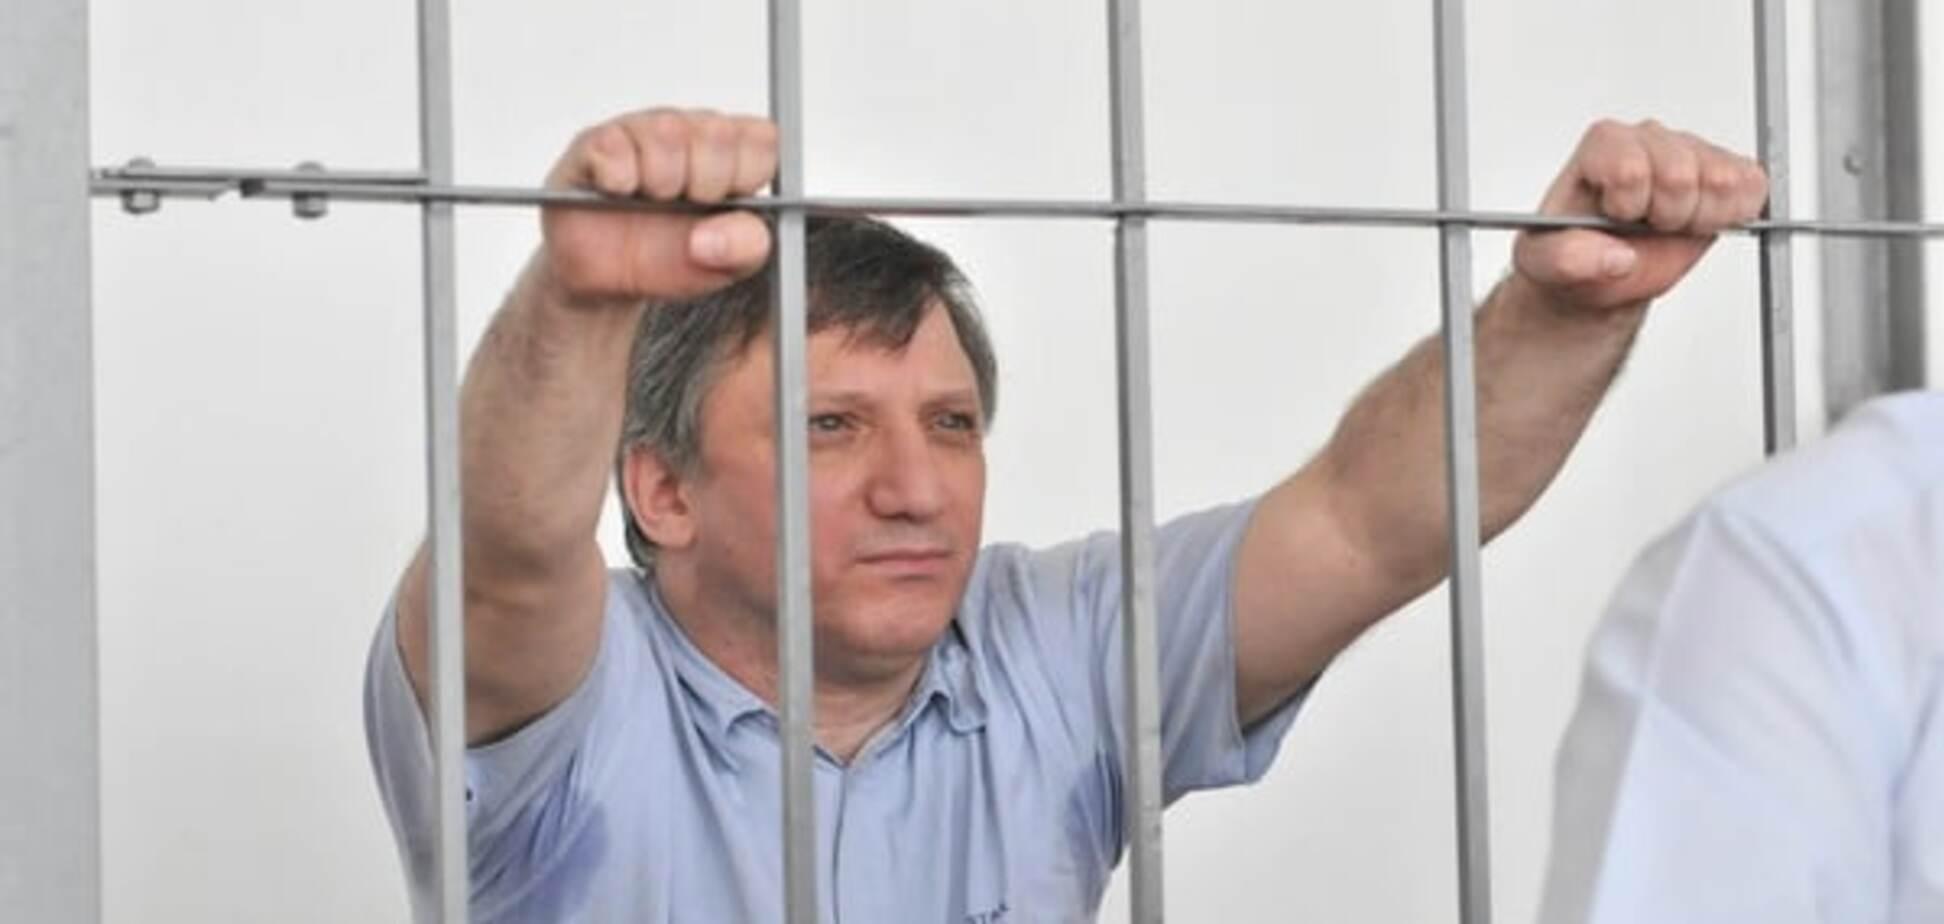 Скандальному 'Доктору Пи' пересчитали срок по 'закону Савченко'